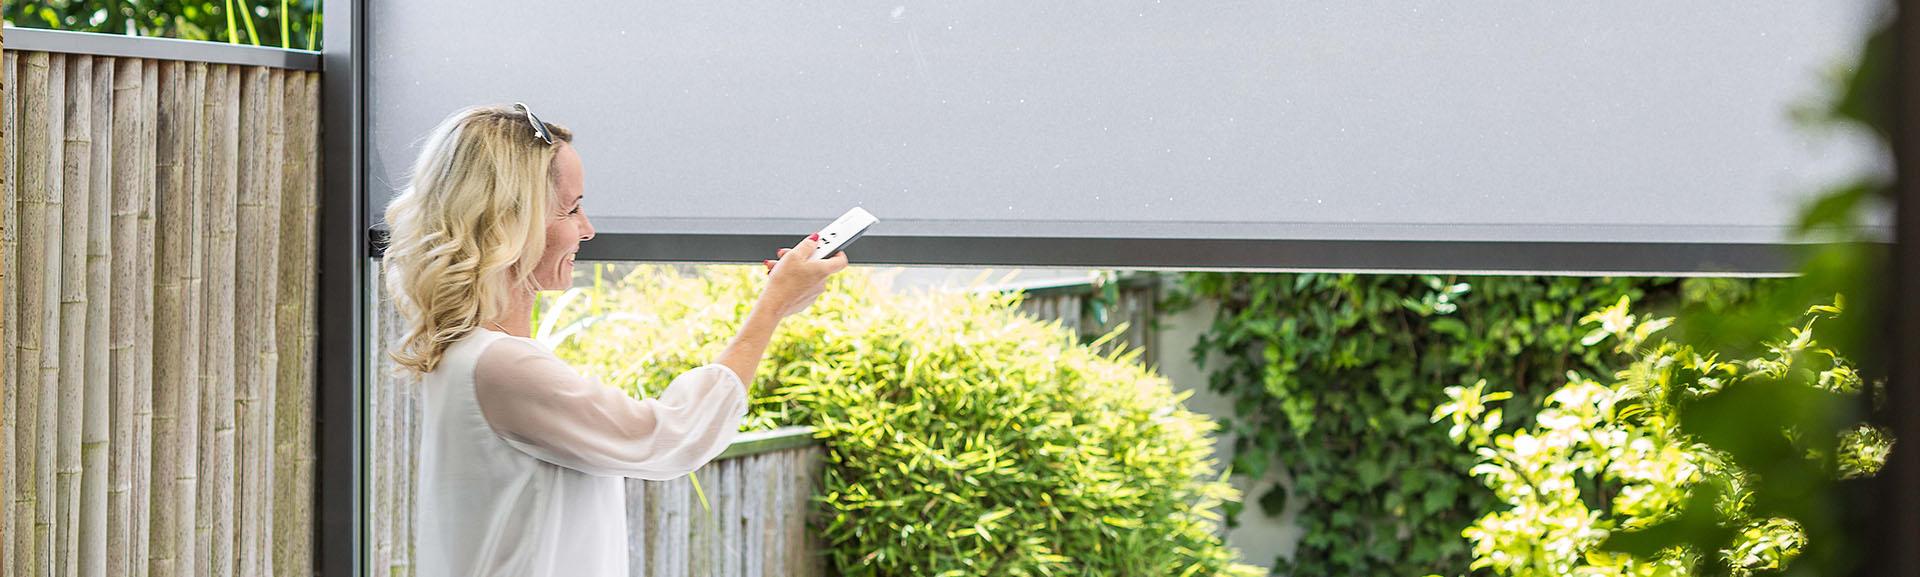 Sichtschutz - Qualitativ hochwertige Produkte für Ihr Zuhause